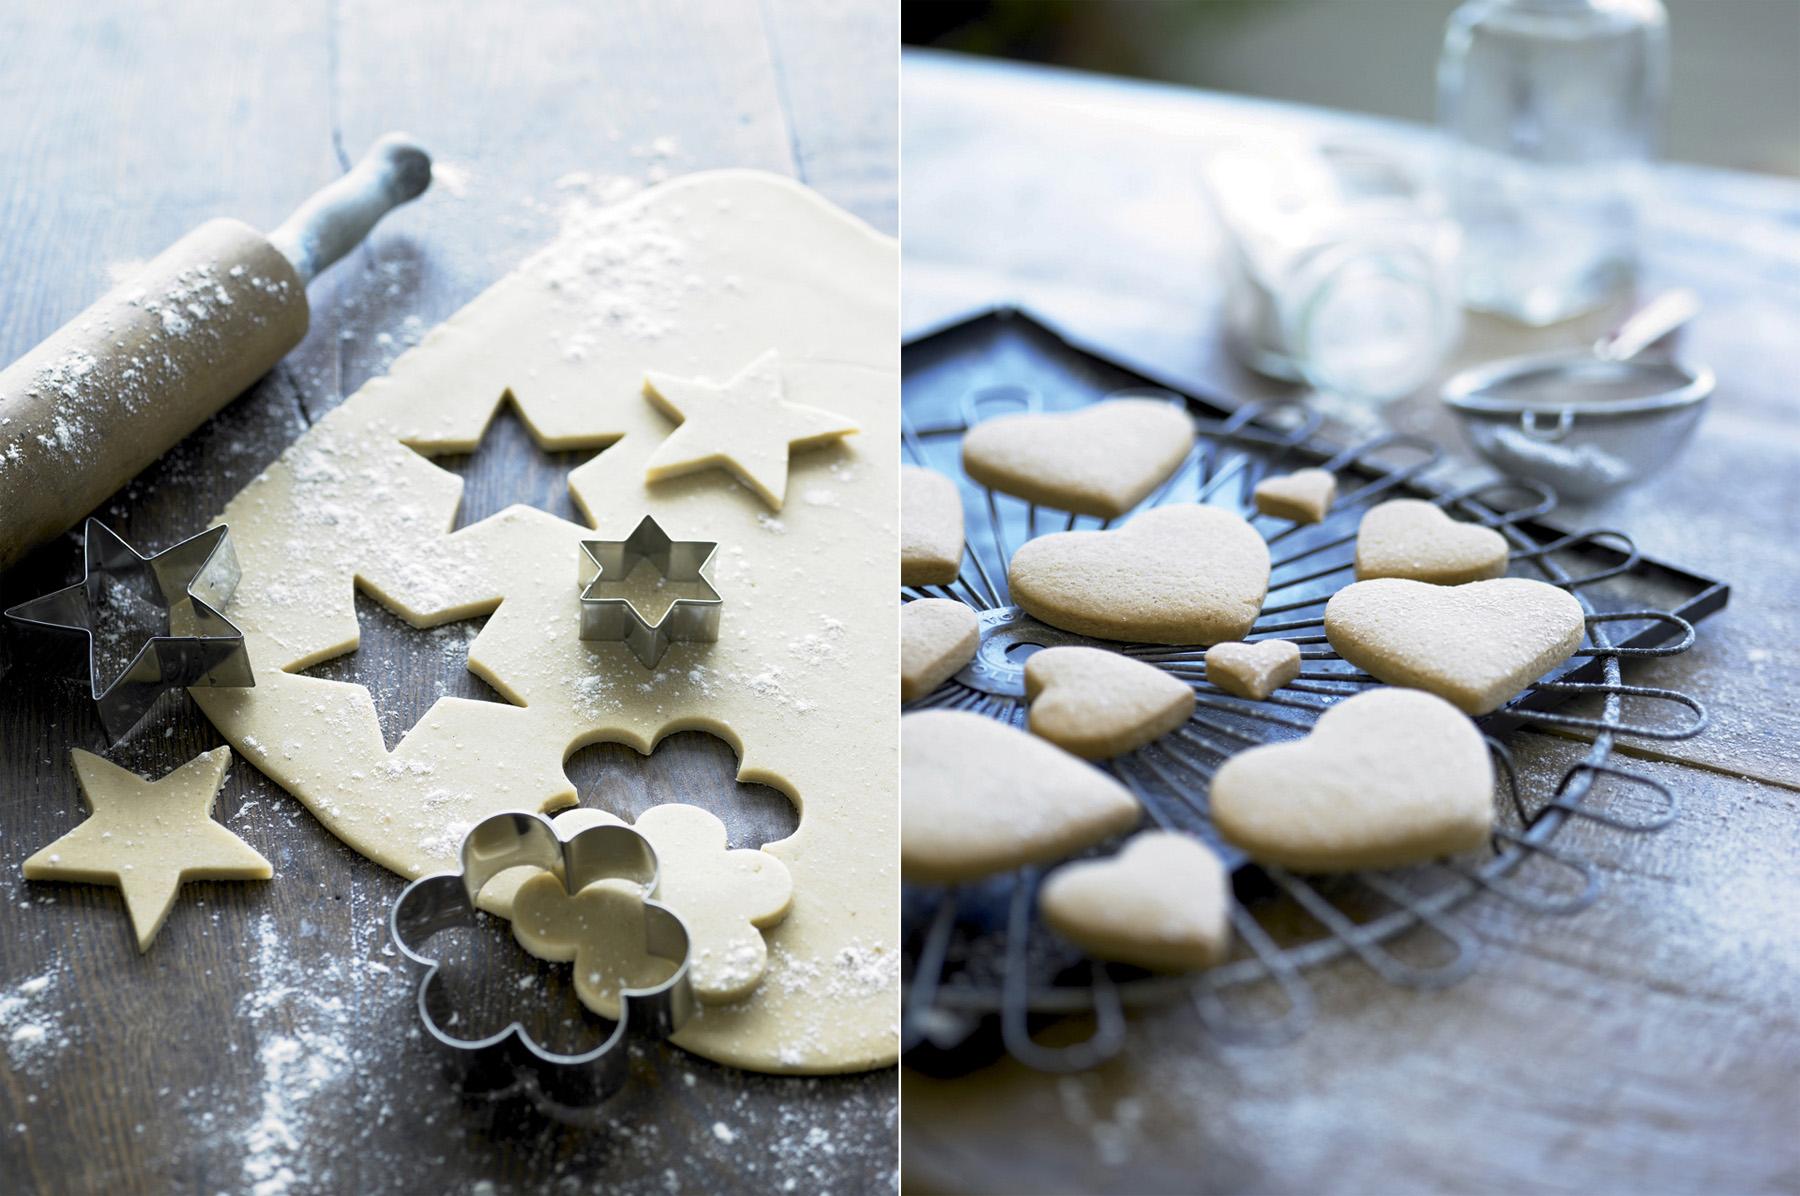 icon_biscuiteersbook_dough_making_biscuits.jpg